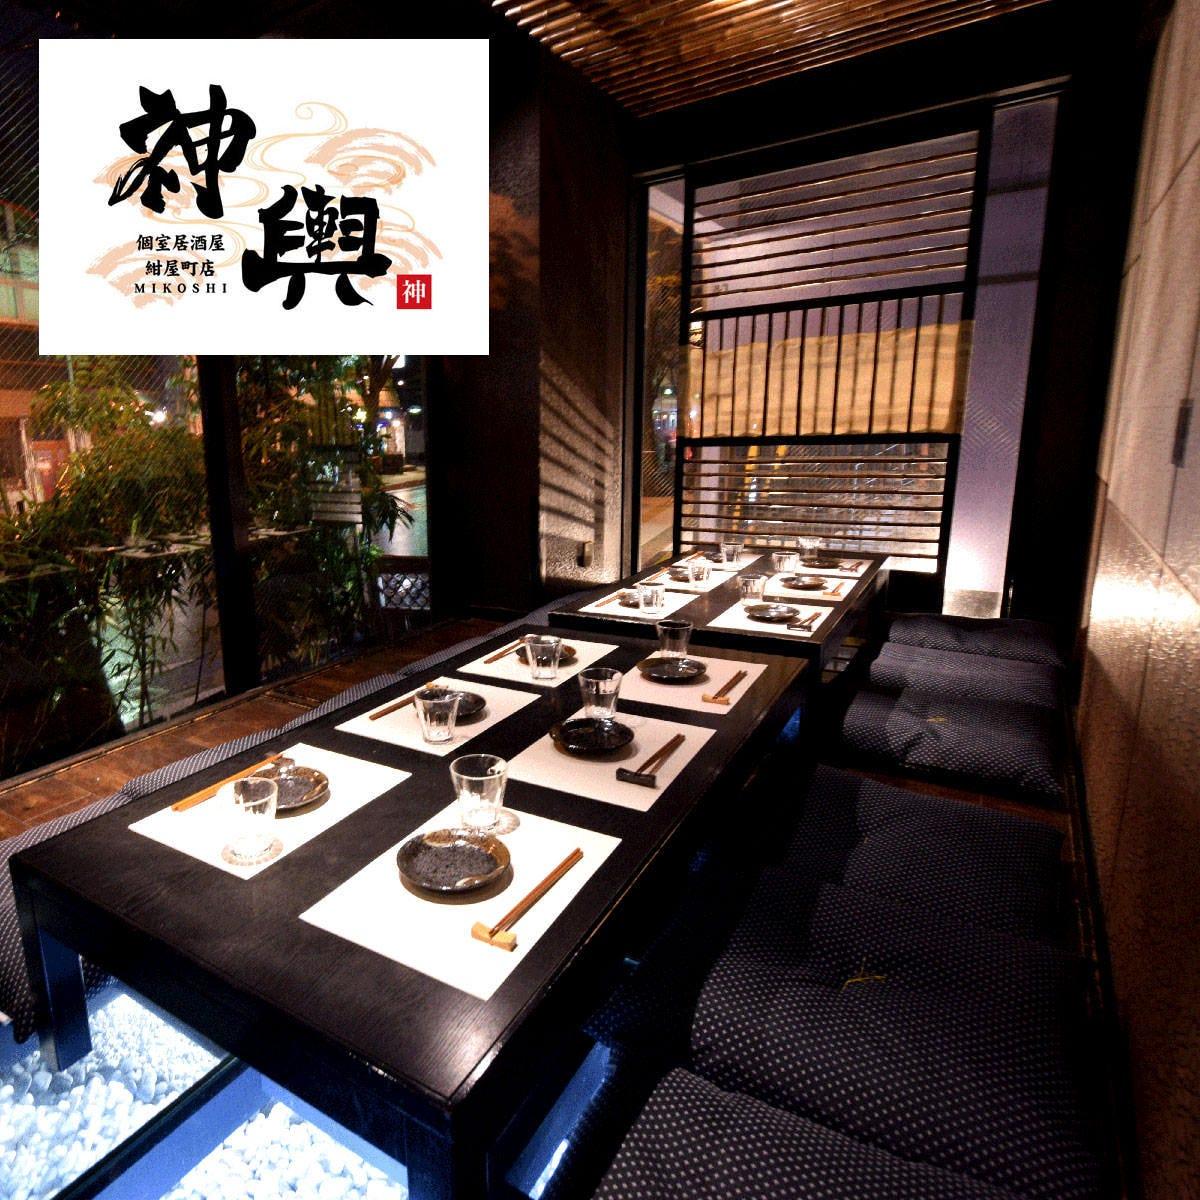 全席個室×お忍び居酒屋 神輿 〜Mikoshi〜 静岡駅前店